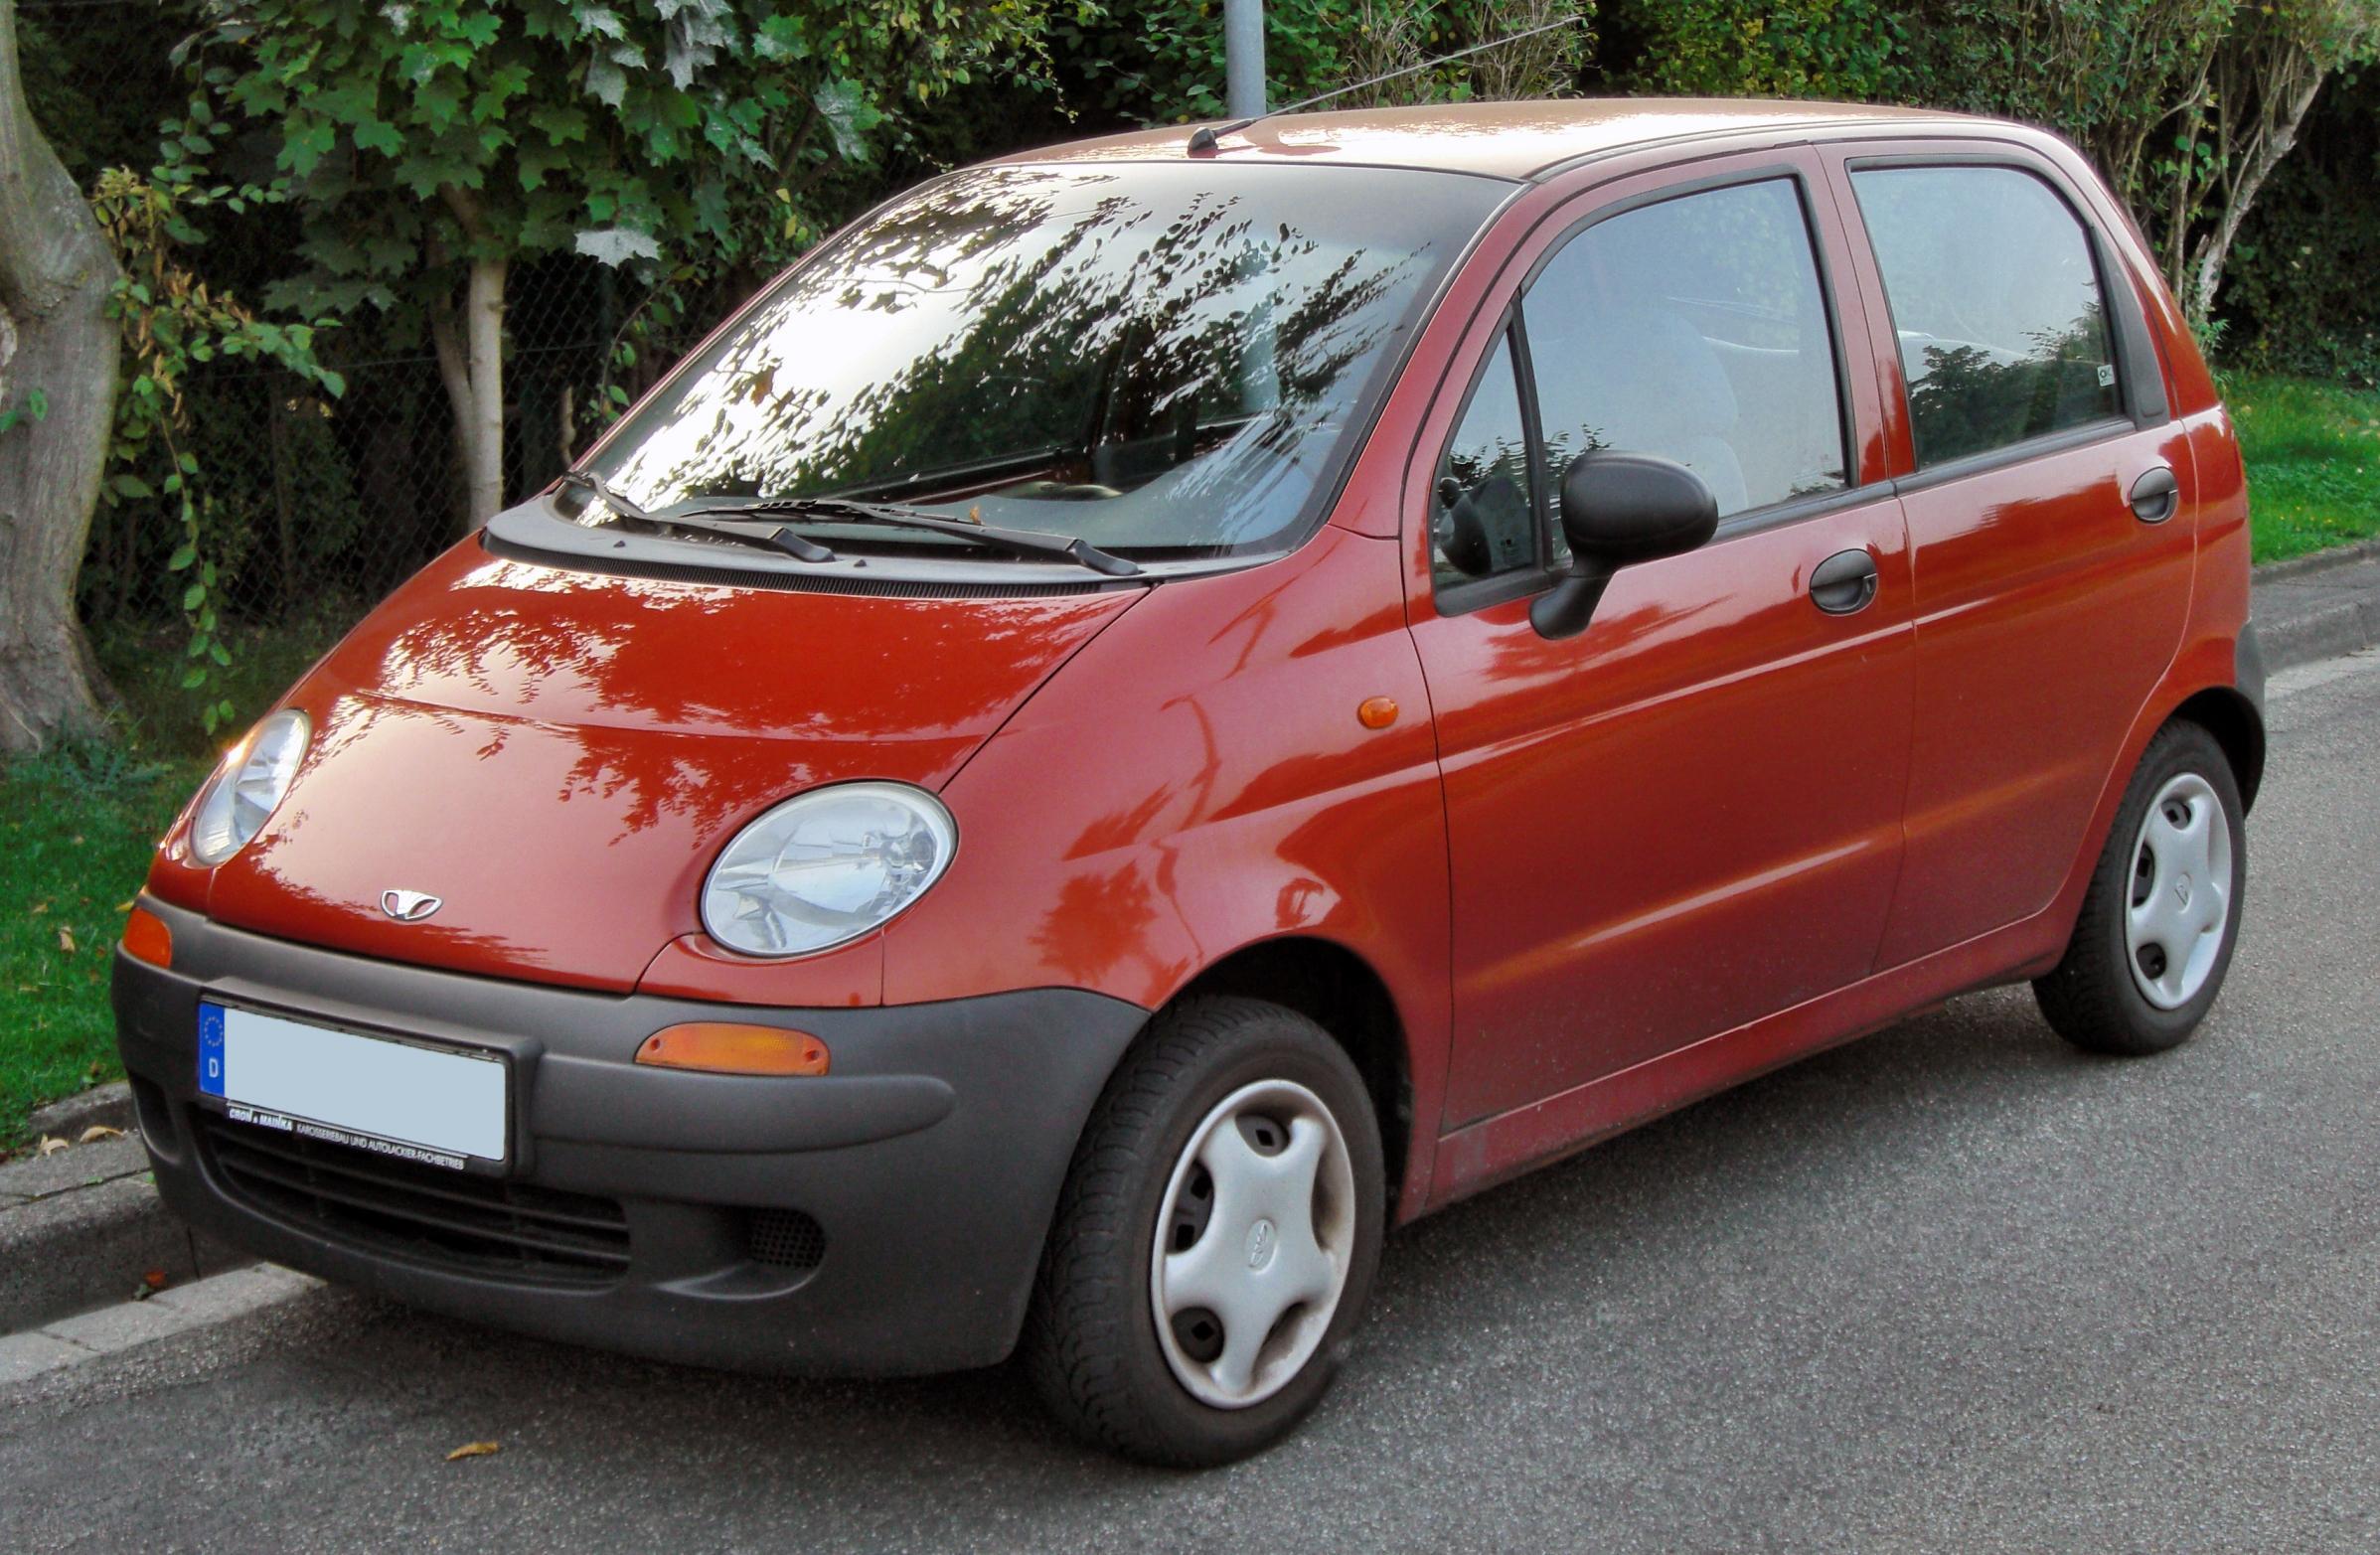 Ô tô giá rẻ Matiz có giá bán hấp dẫn khoảng 290 triệu đồng/chiếc